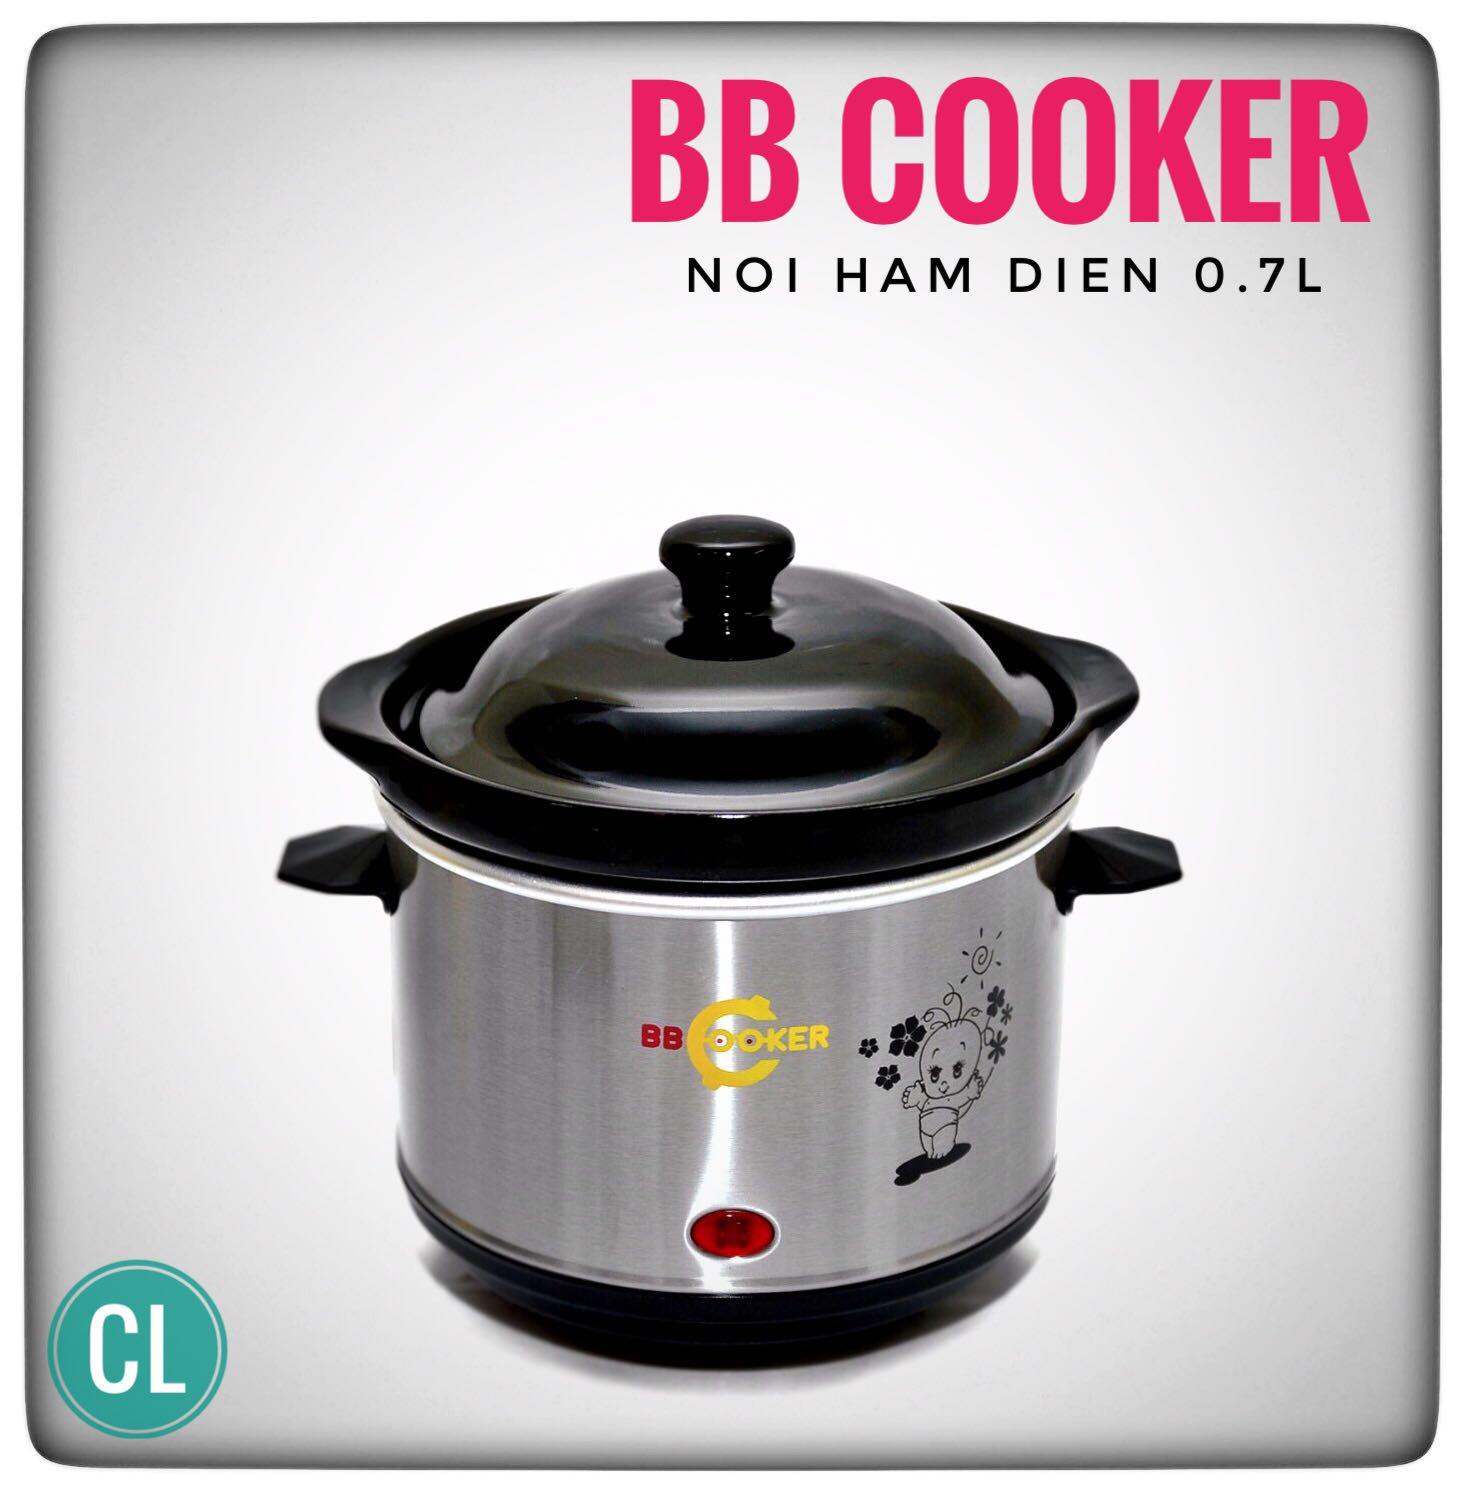 Kết quả hình ảnh cho bb cooker